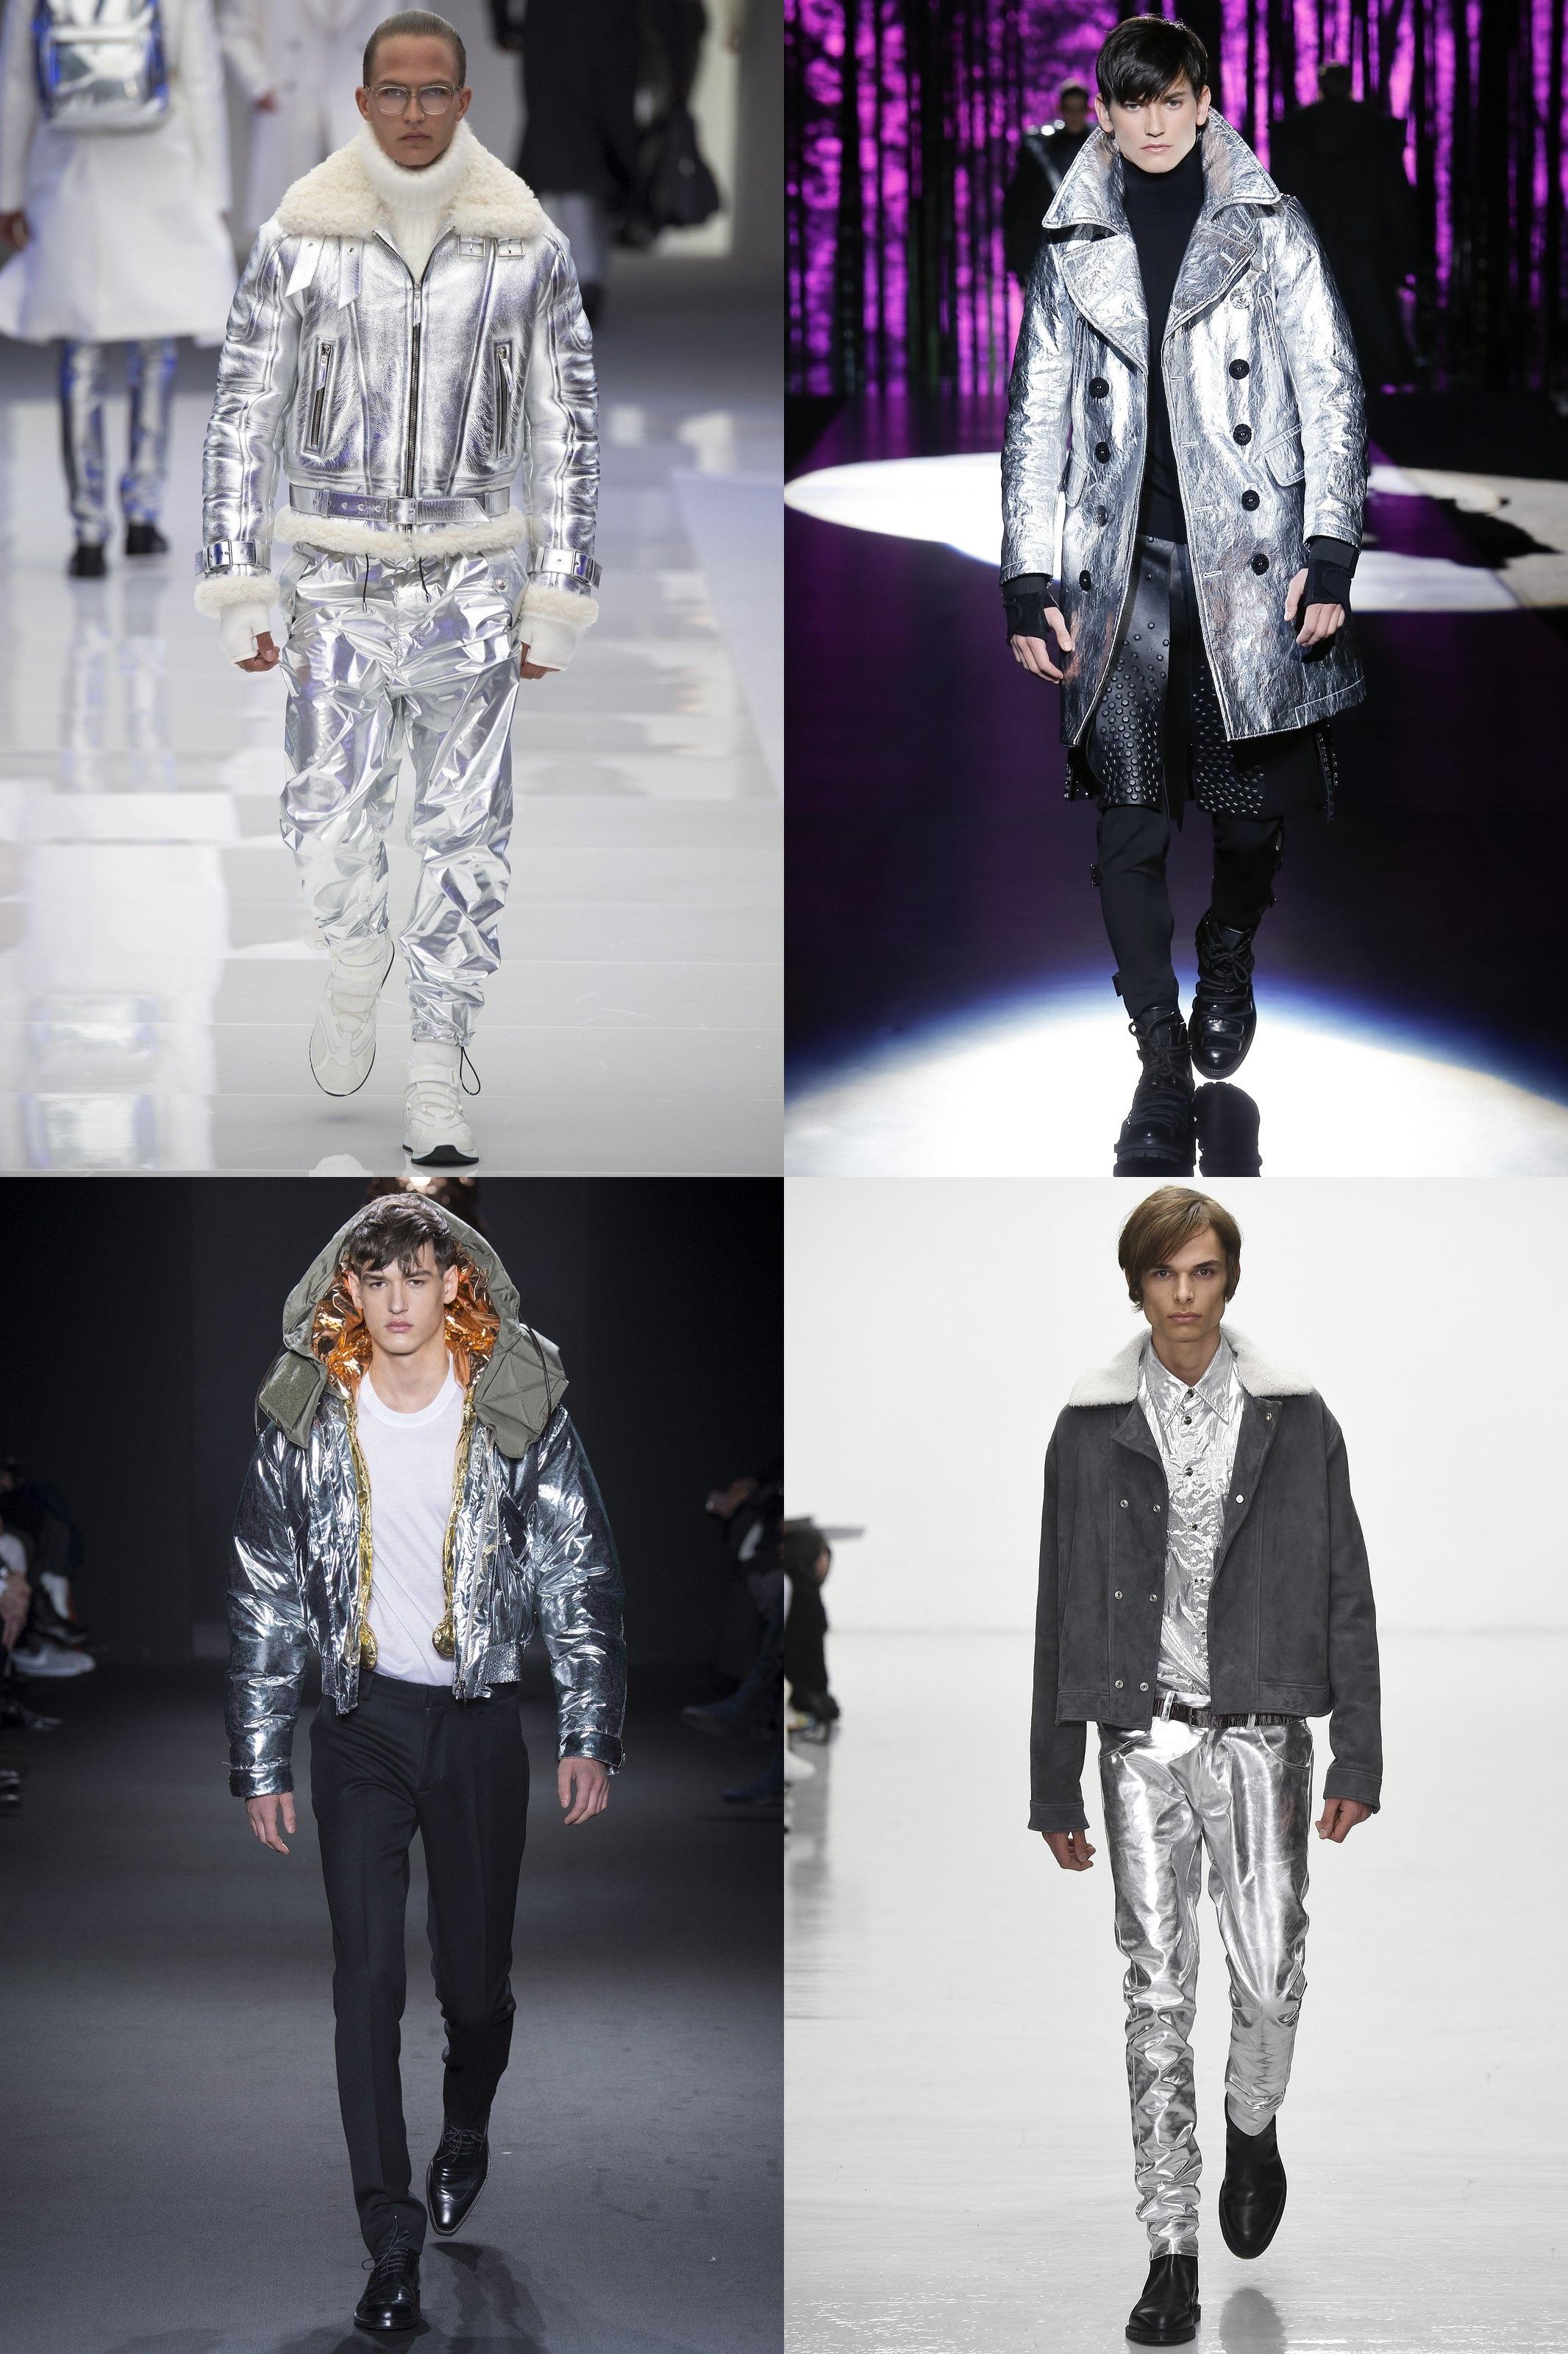 hit, passarela, tendencia masculina, moda masculina, blogger, fashion blogger, blogueiro de moda, alex cursino, richard brito, blogueiro de moda, dicas de moda, tendencia masculina,  (3)